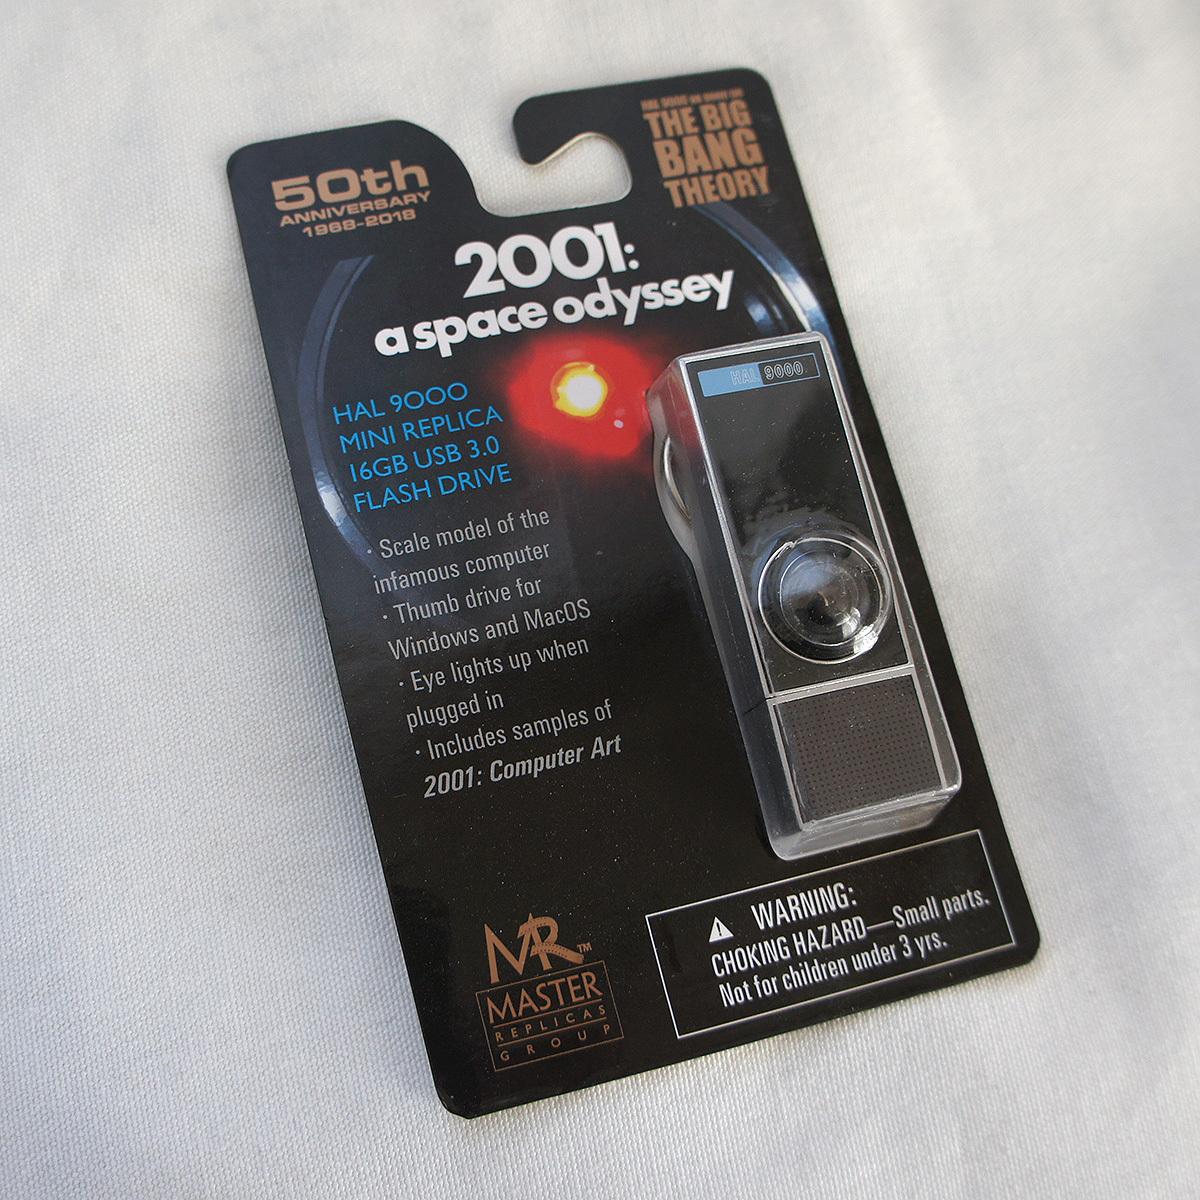 2001年宇宙の旅 HAL 9000 USBメモリ 16GB 新品・送料無料・マスターレプリカグループ製 Master Replicas Group USB 3.0 Flash Drive